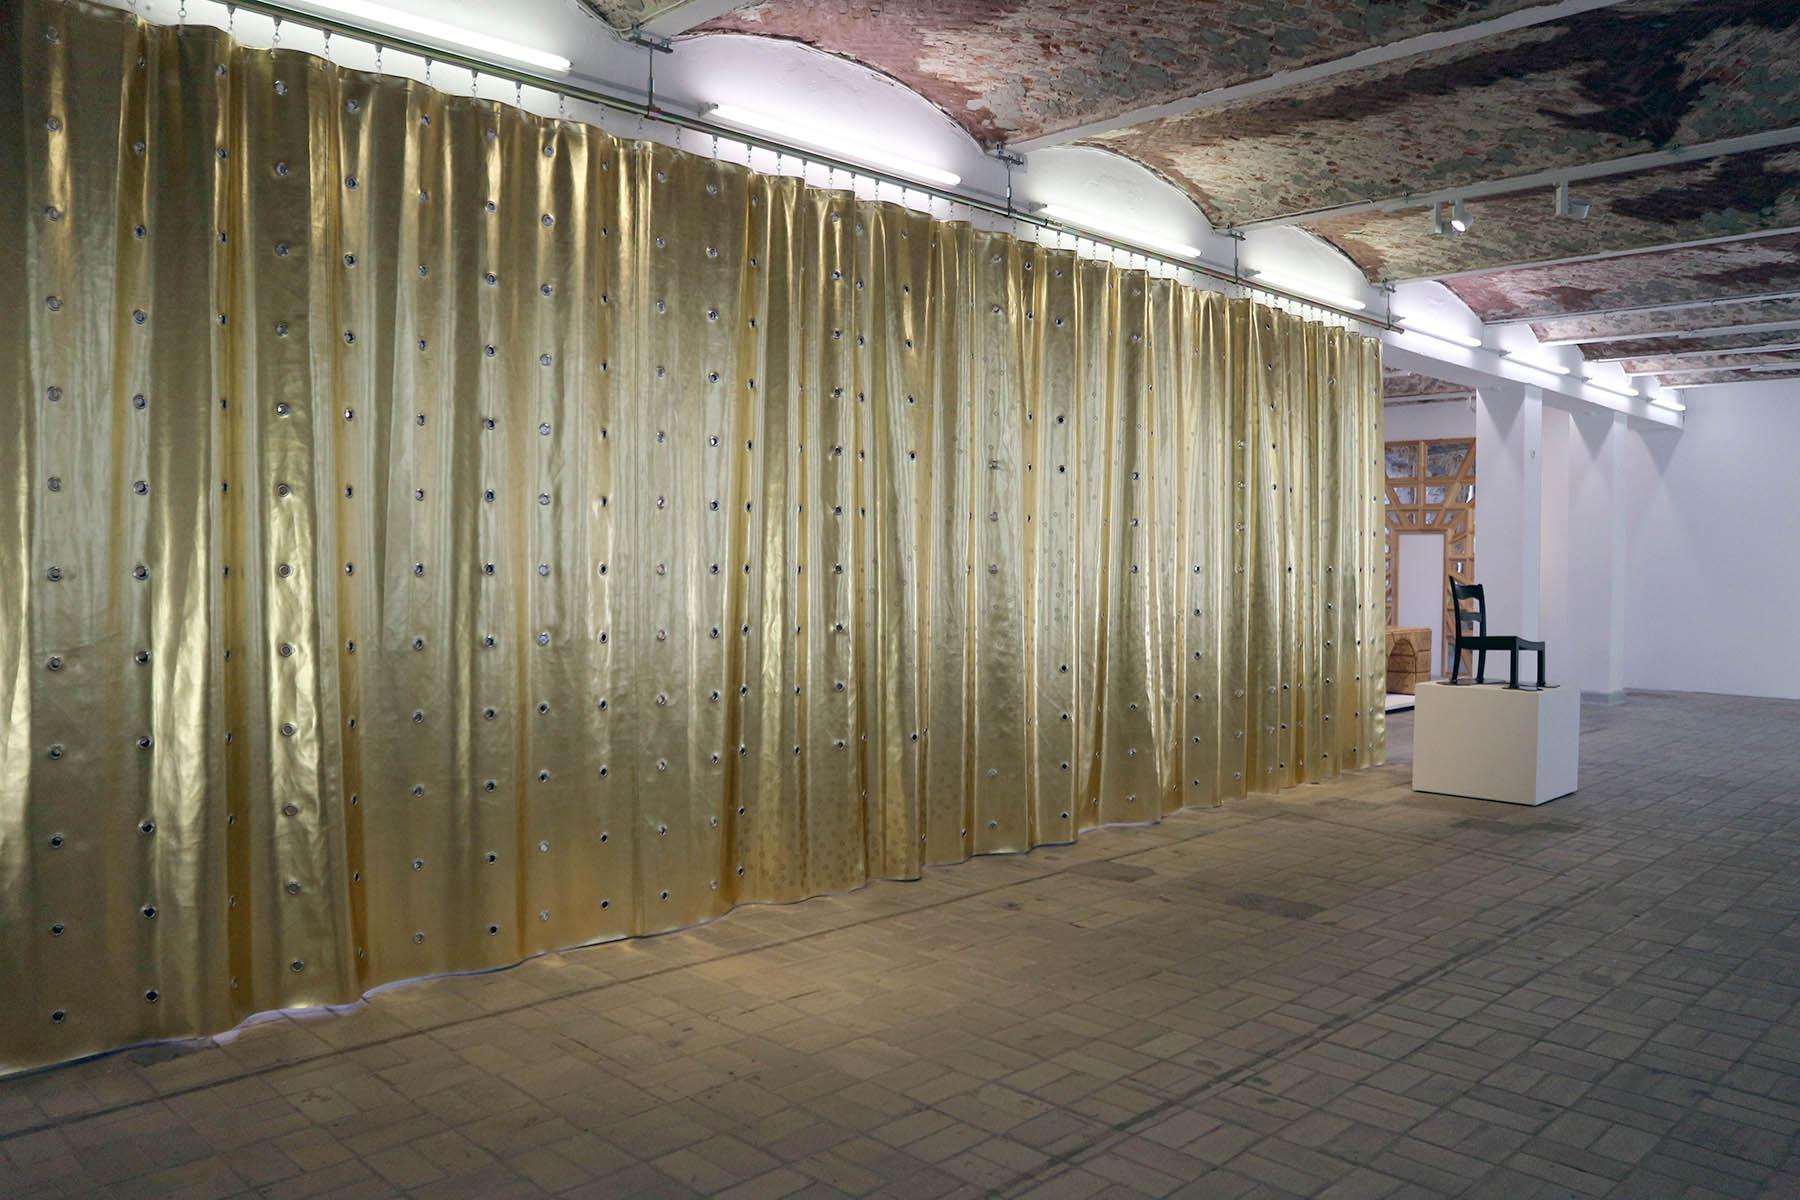 The Log-O-Rithmic Slide Rule: A Retrospective. Im Rahmen der Ausstellung installierte Petra Blaisse ihren goldenen Vorhang Jubilee in Gold (2017), der als ausstellungsarchitektonisches Element den Raum gliedert und die manieristischen Strategien der Haussmannschen Verfremdung aufnimmt.